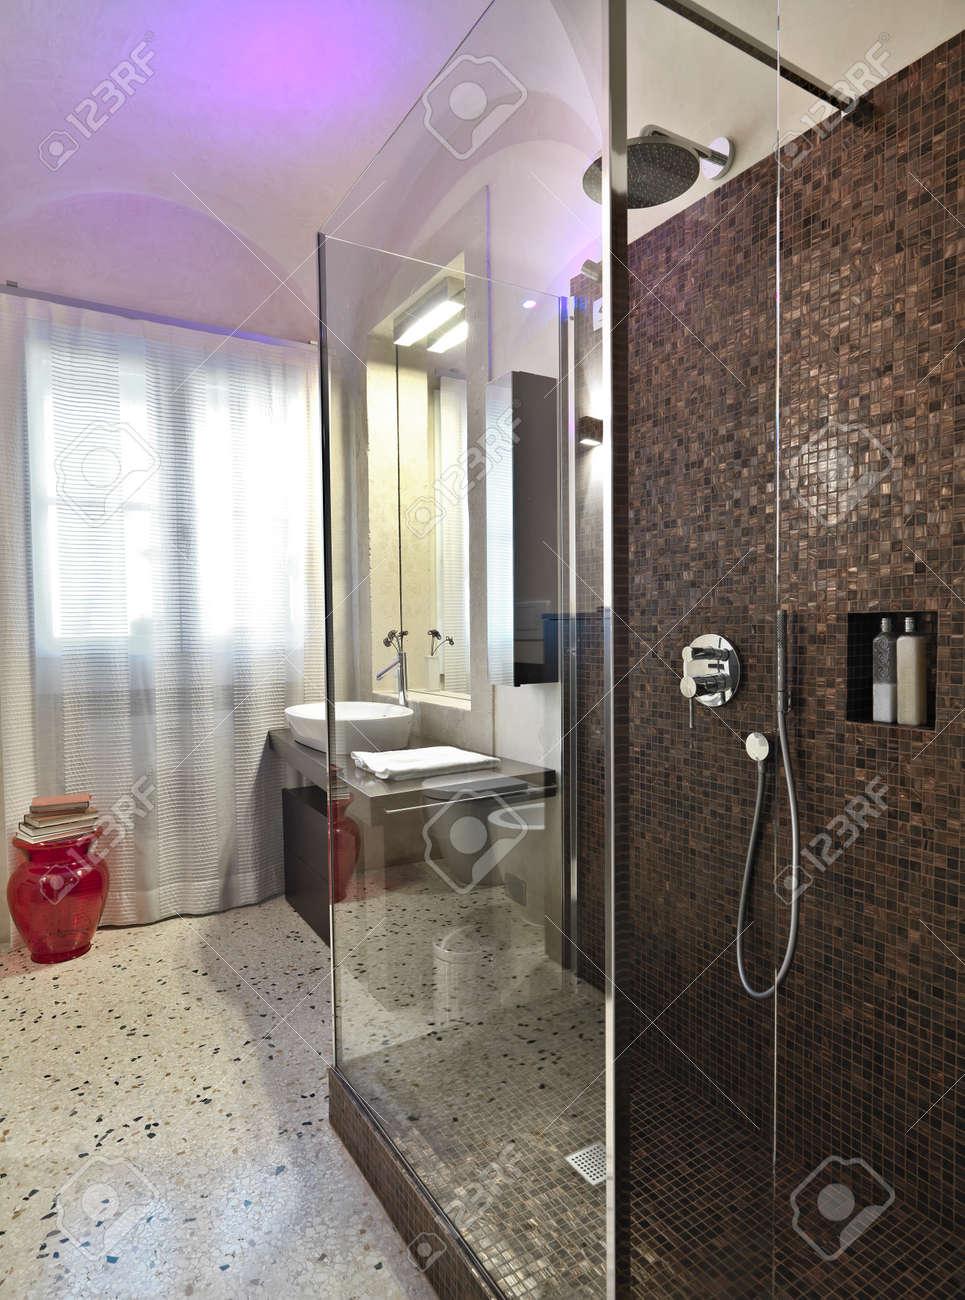 Foto Bagni Moderni Con Mosaico : Immagini bagni moderni con ...